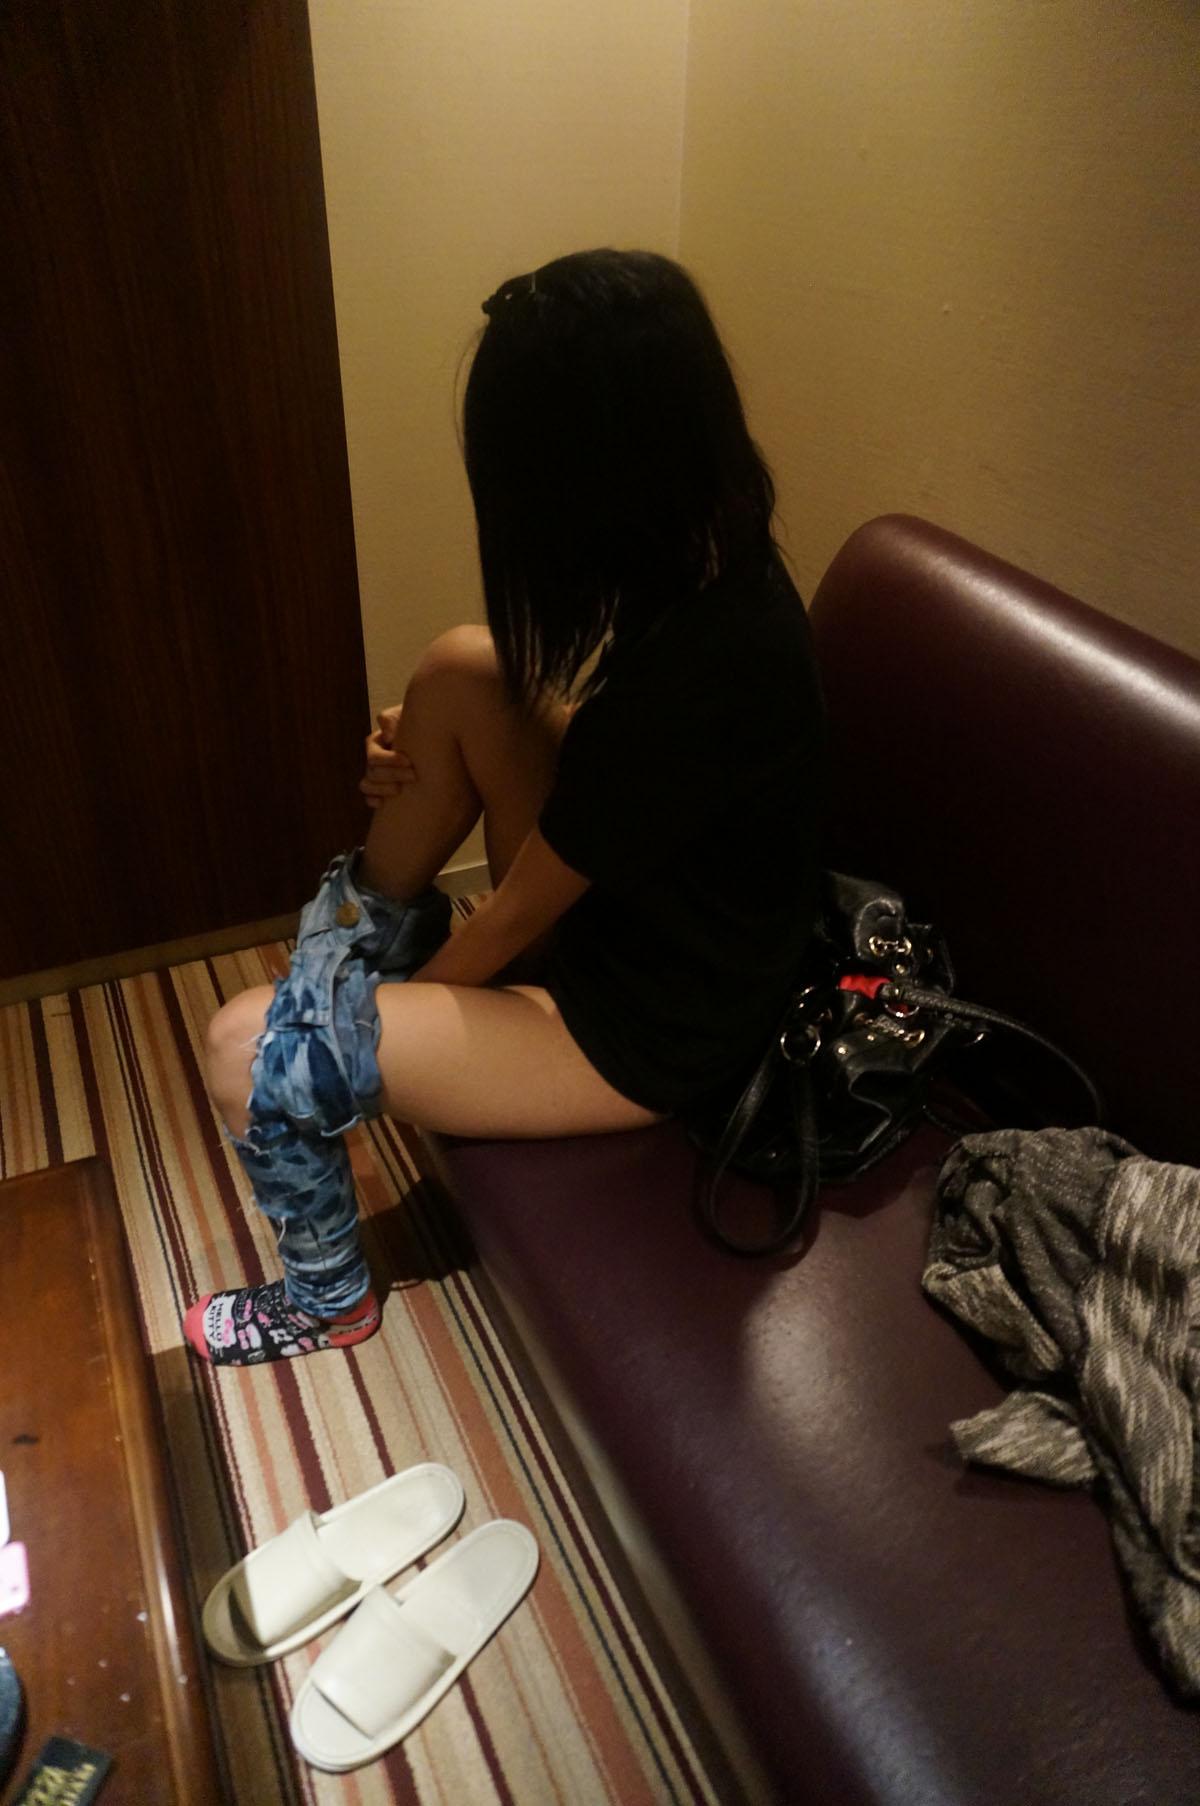 デリヘル呼んだらめっちゃ可愛い嬢が来たから隠し撮りしたぜぇーwwwwwwwwww 2559